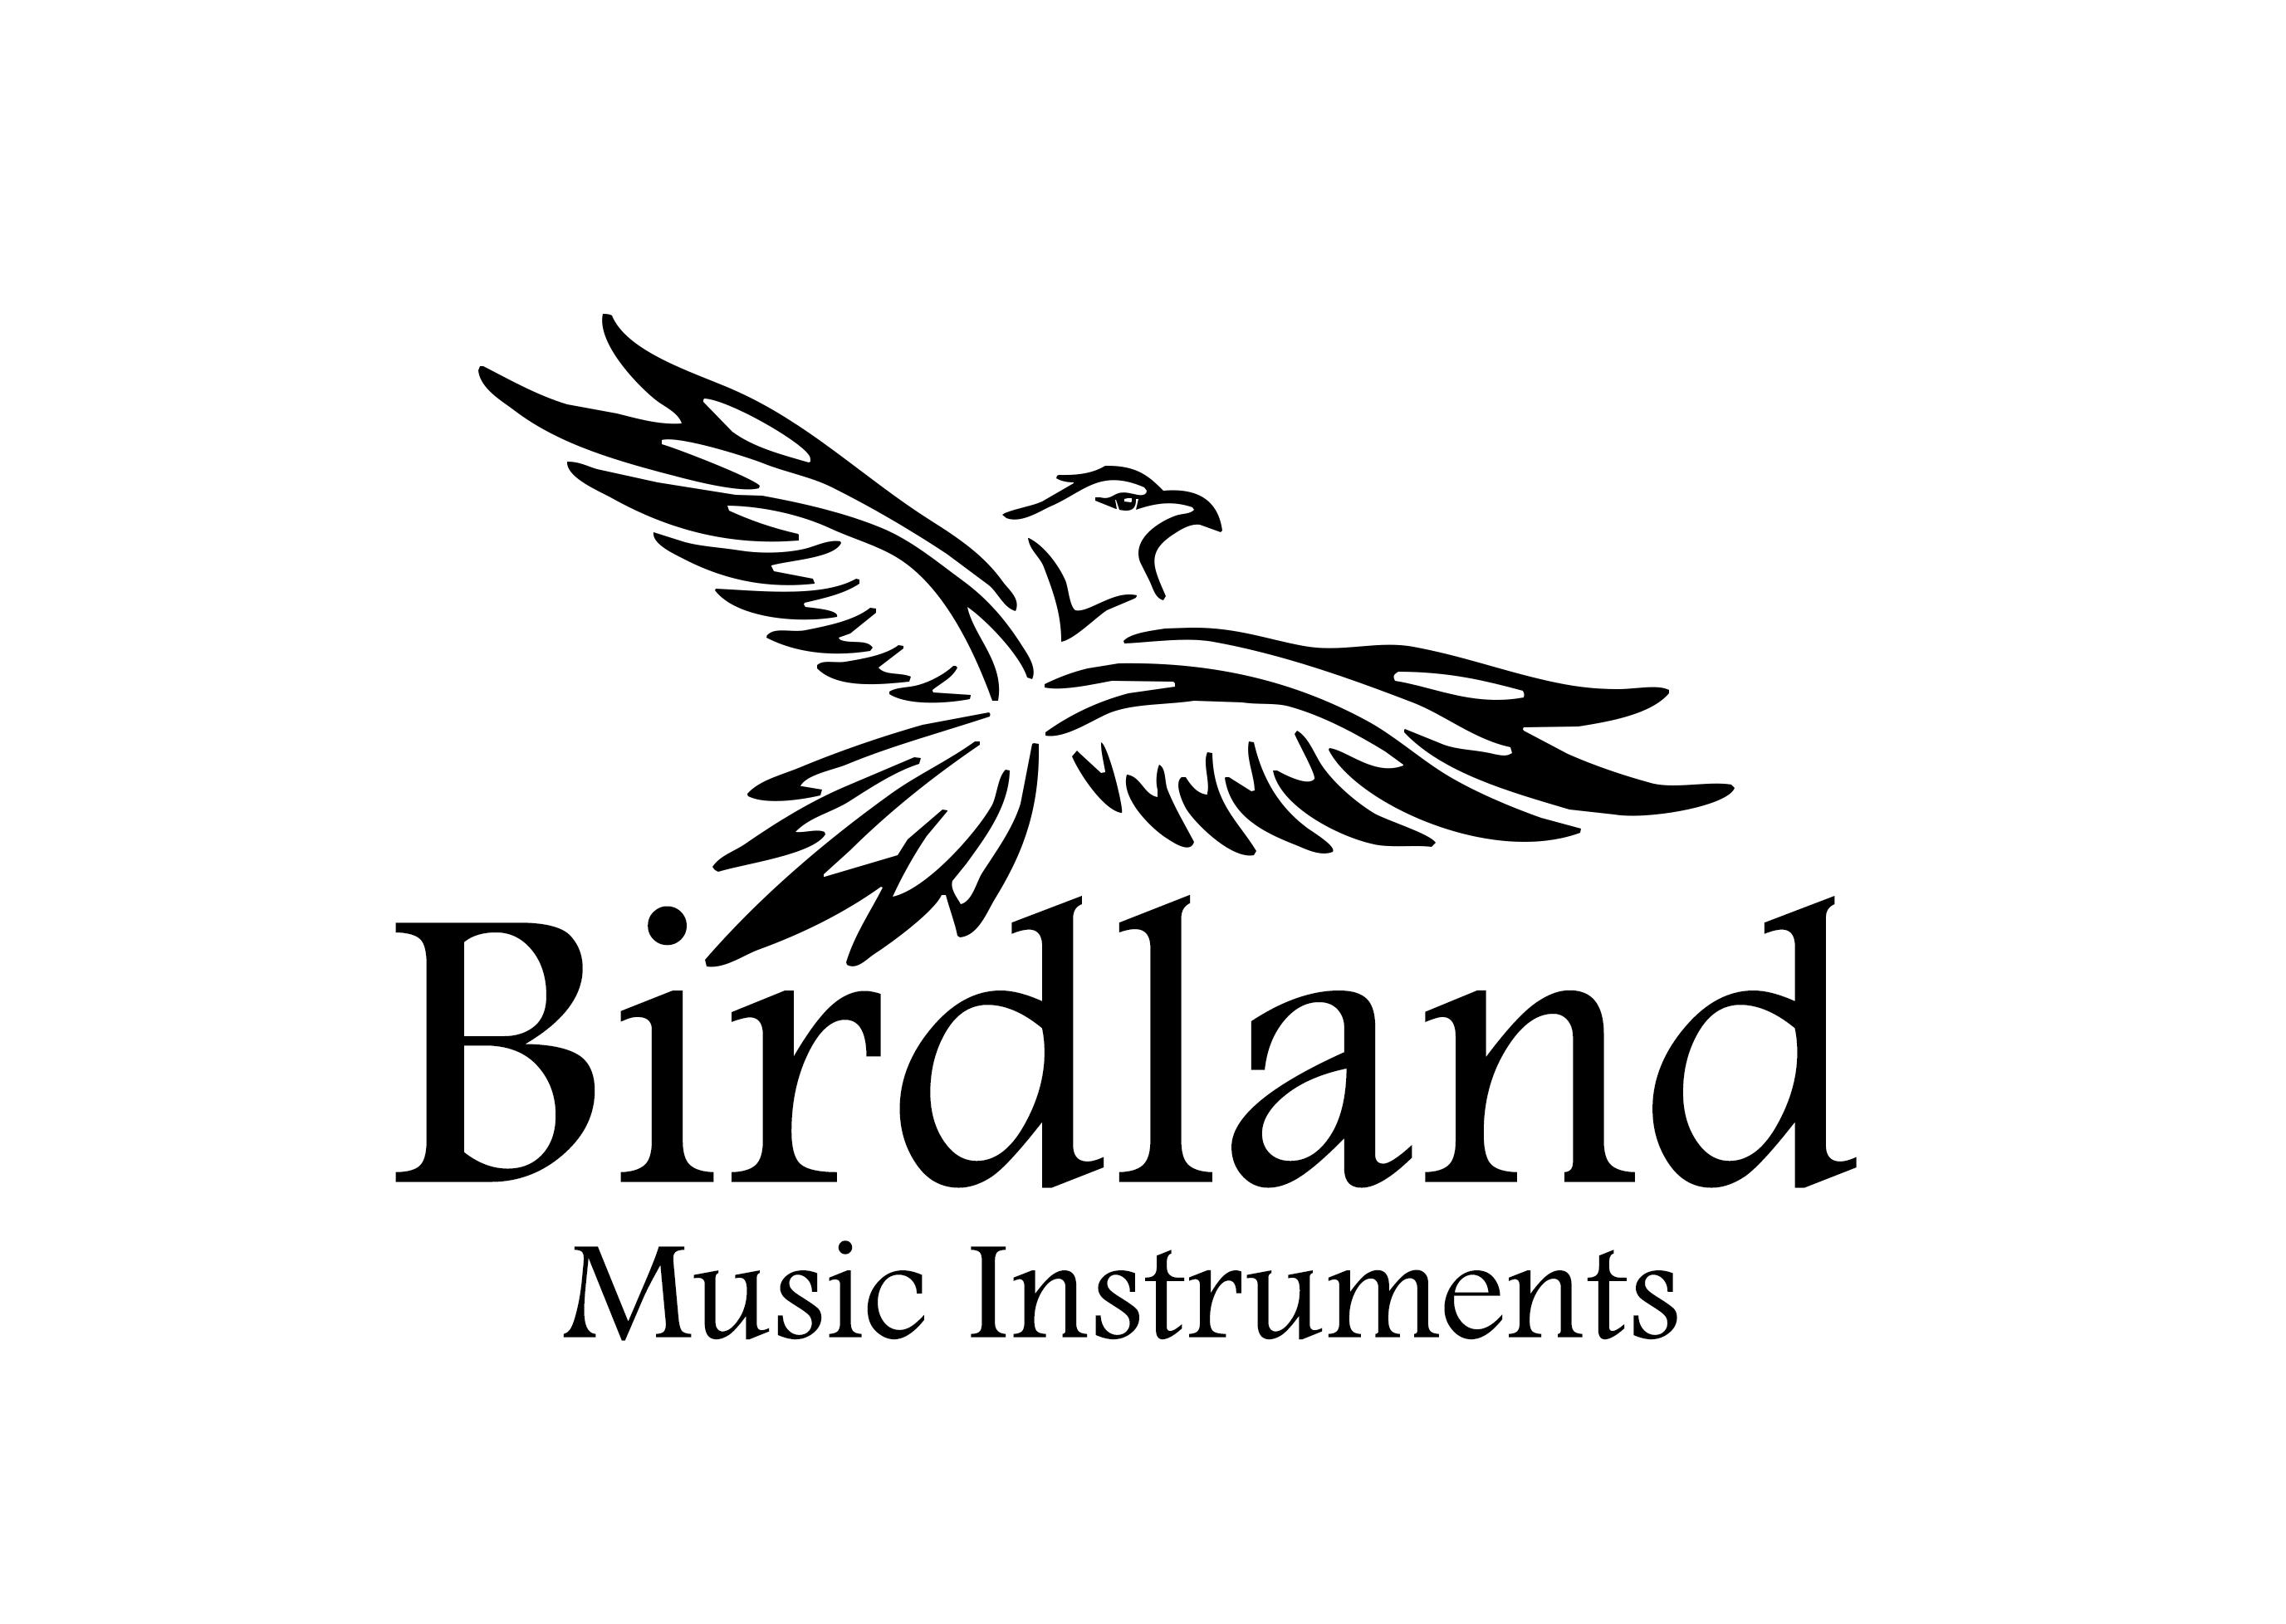 Магазин музыкальных инструментов.